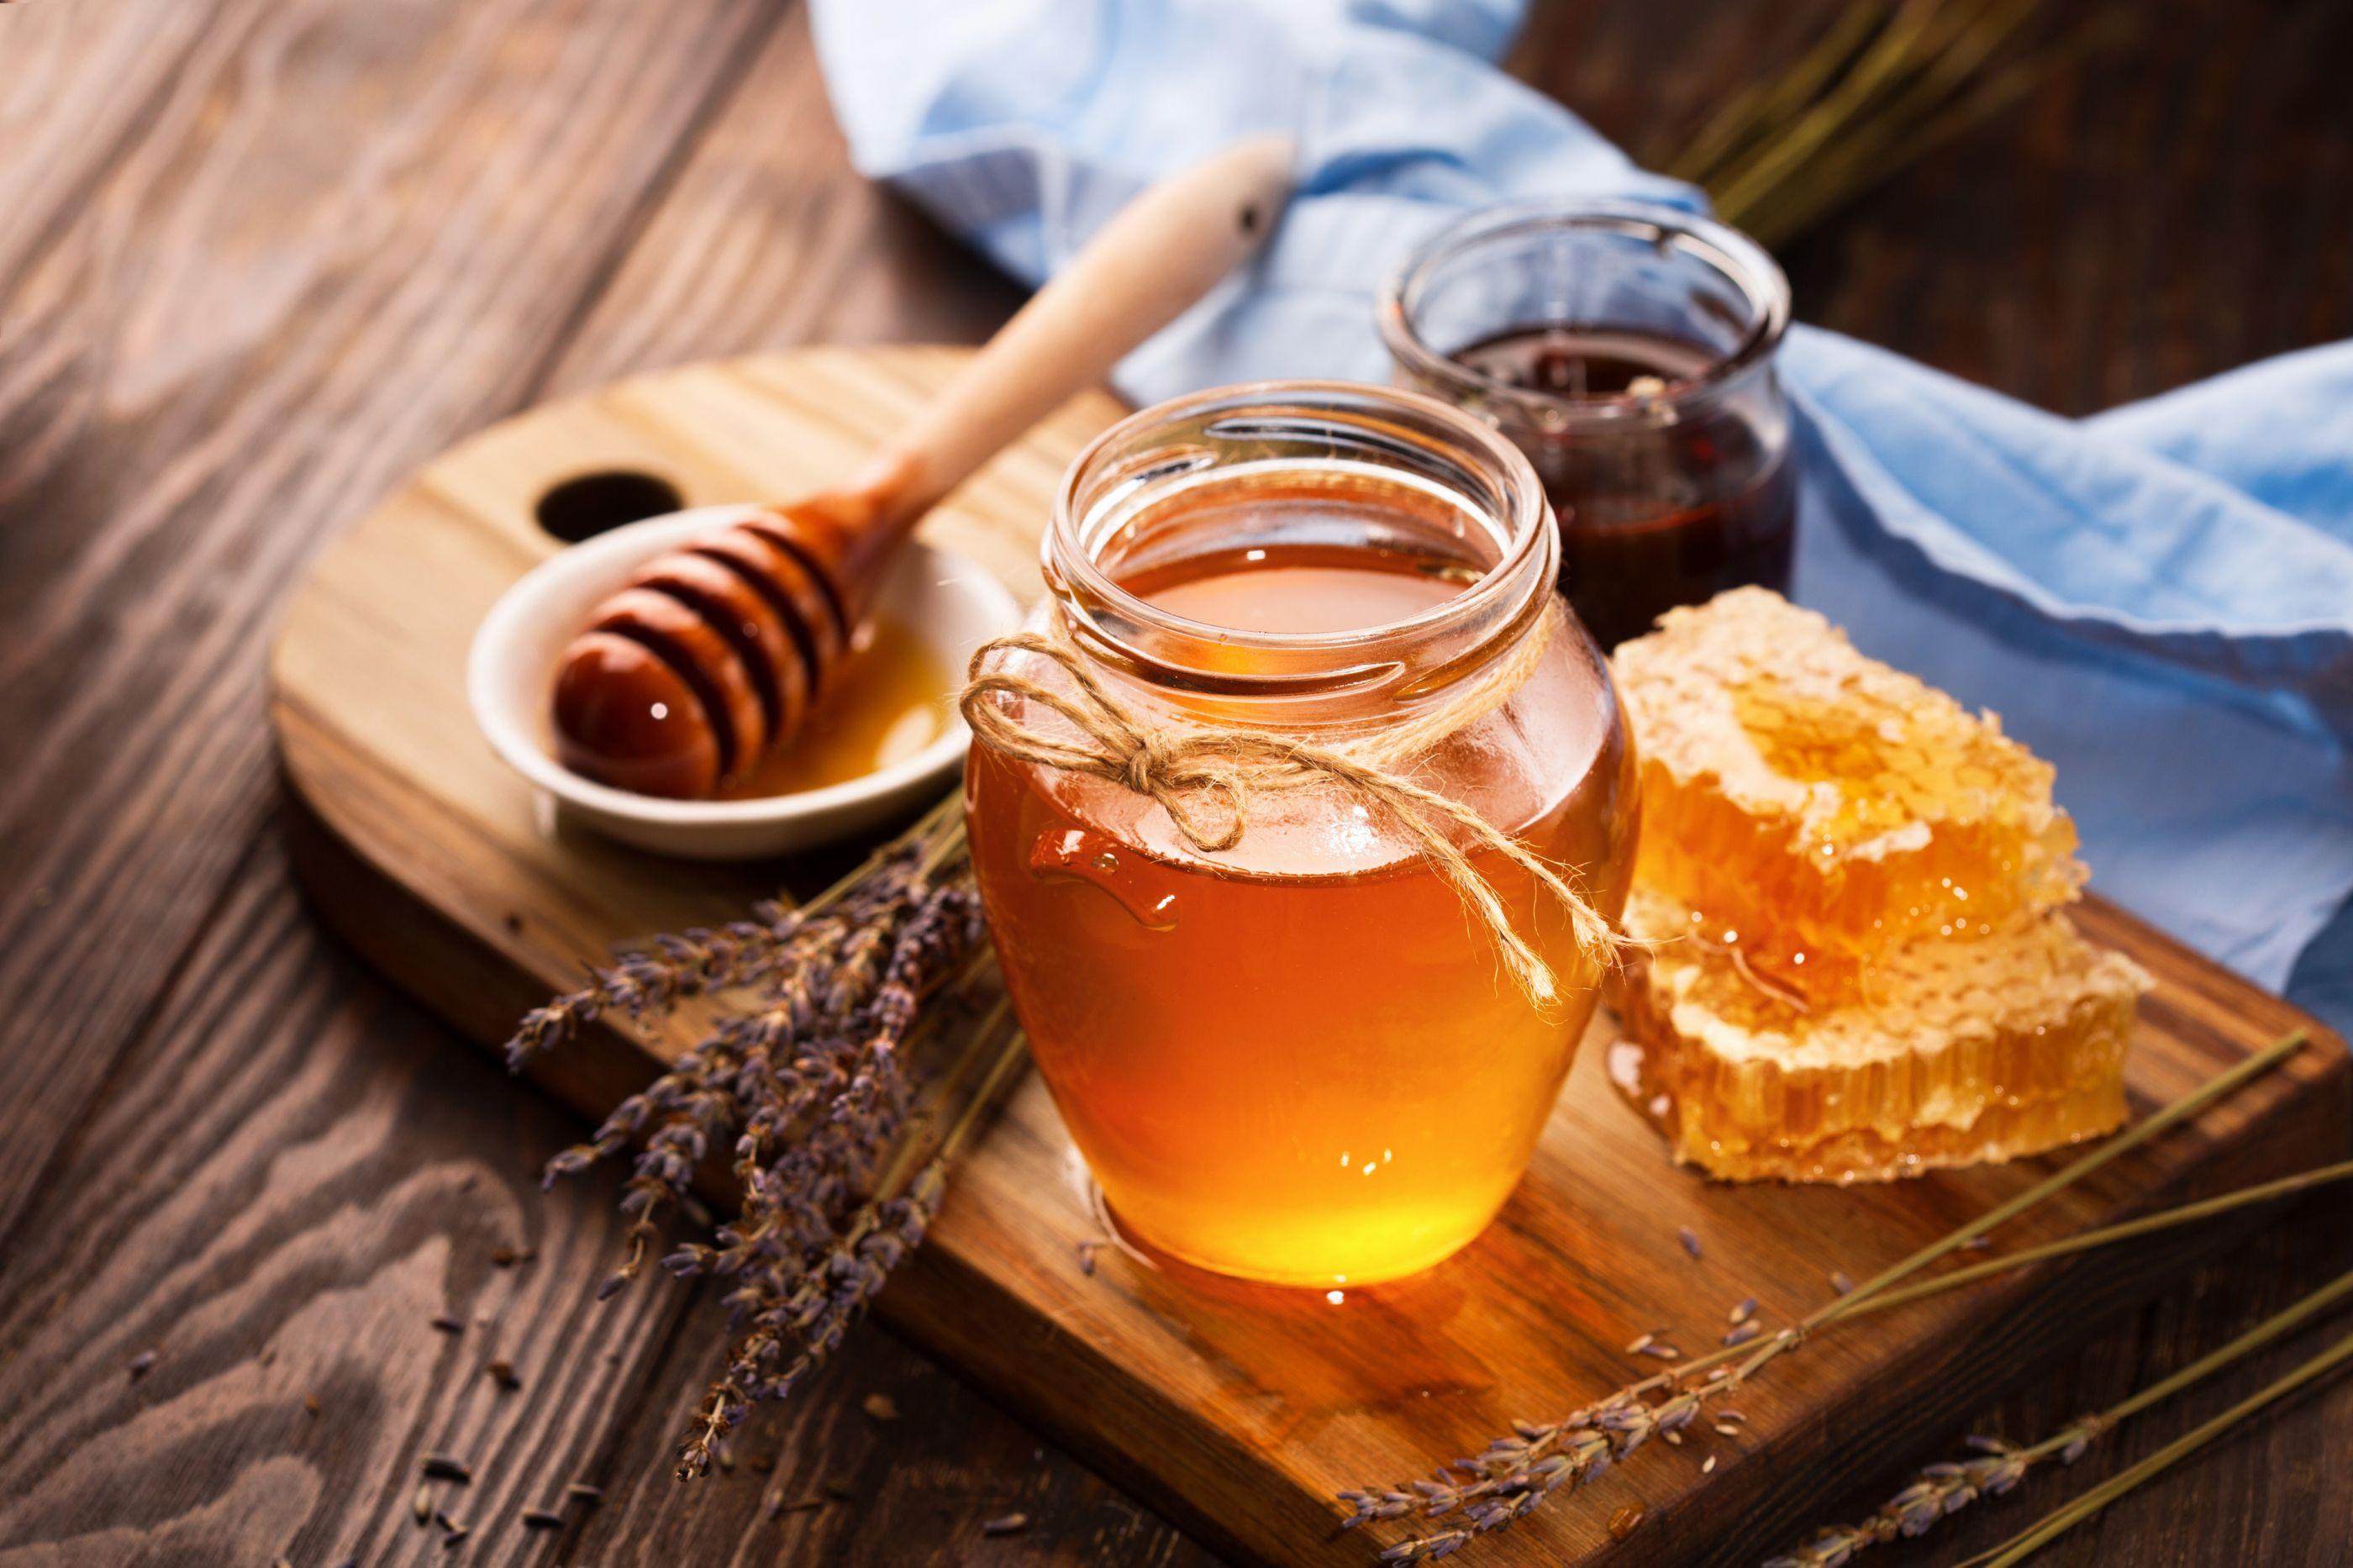 Apicultores do Algarve estão a sentir dificuldades para escoar mel